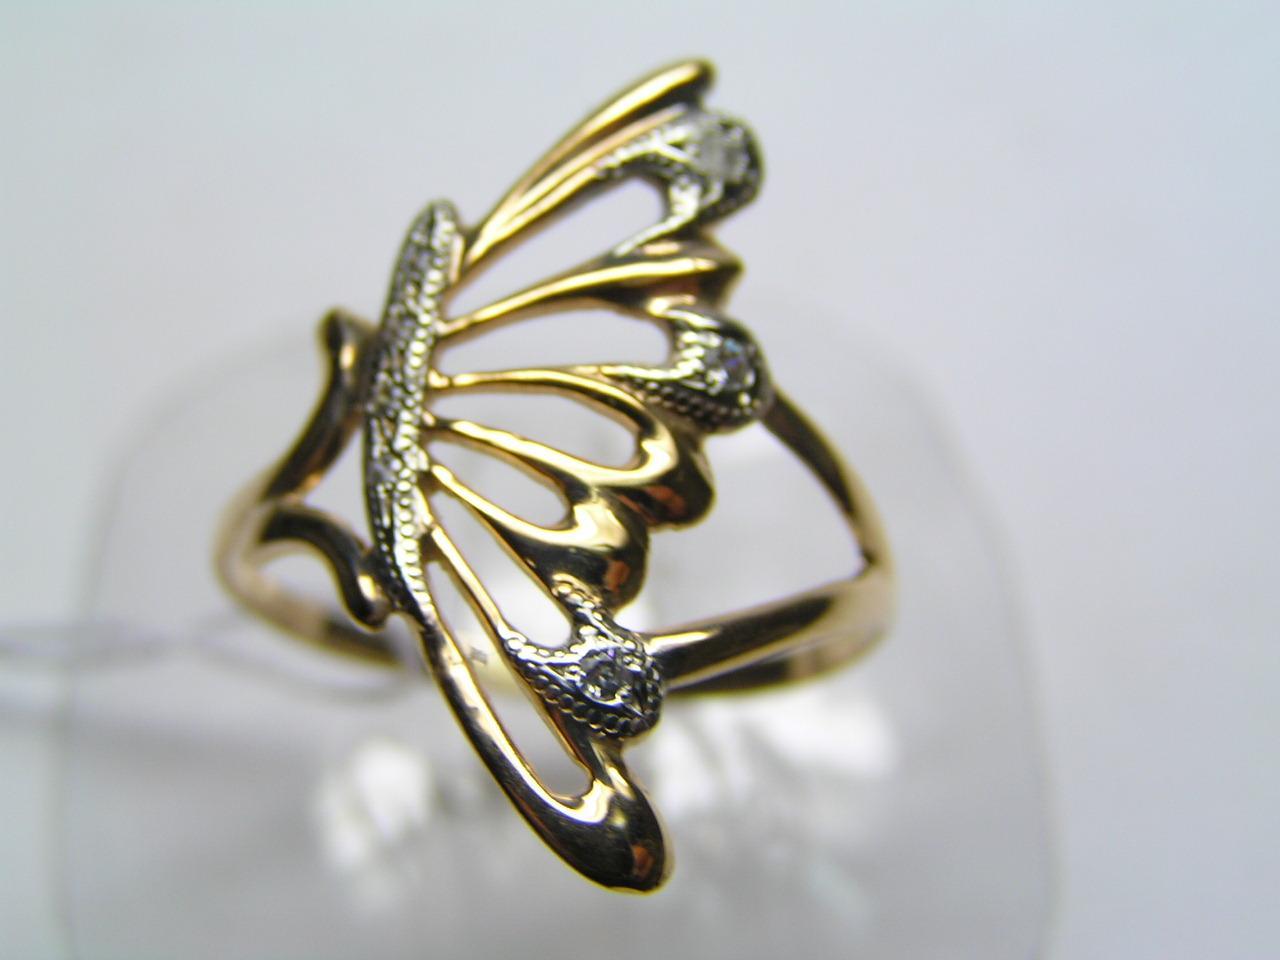 Кольцо из золота 585 пробы с фианитами, крыло бабочки